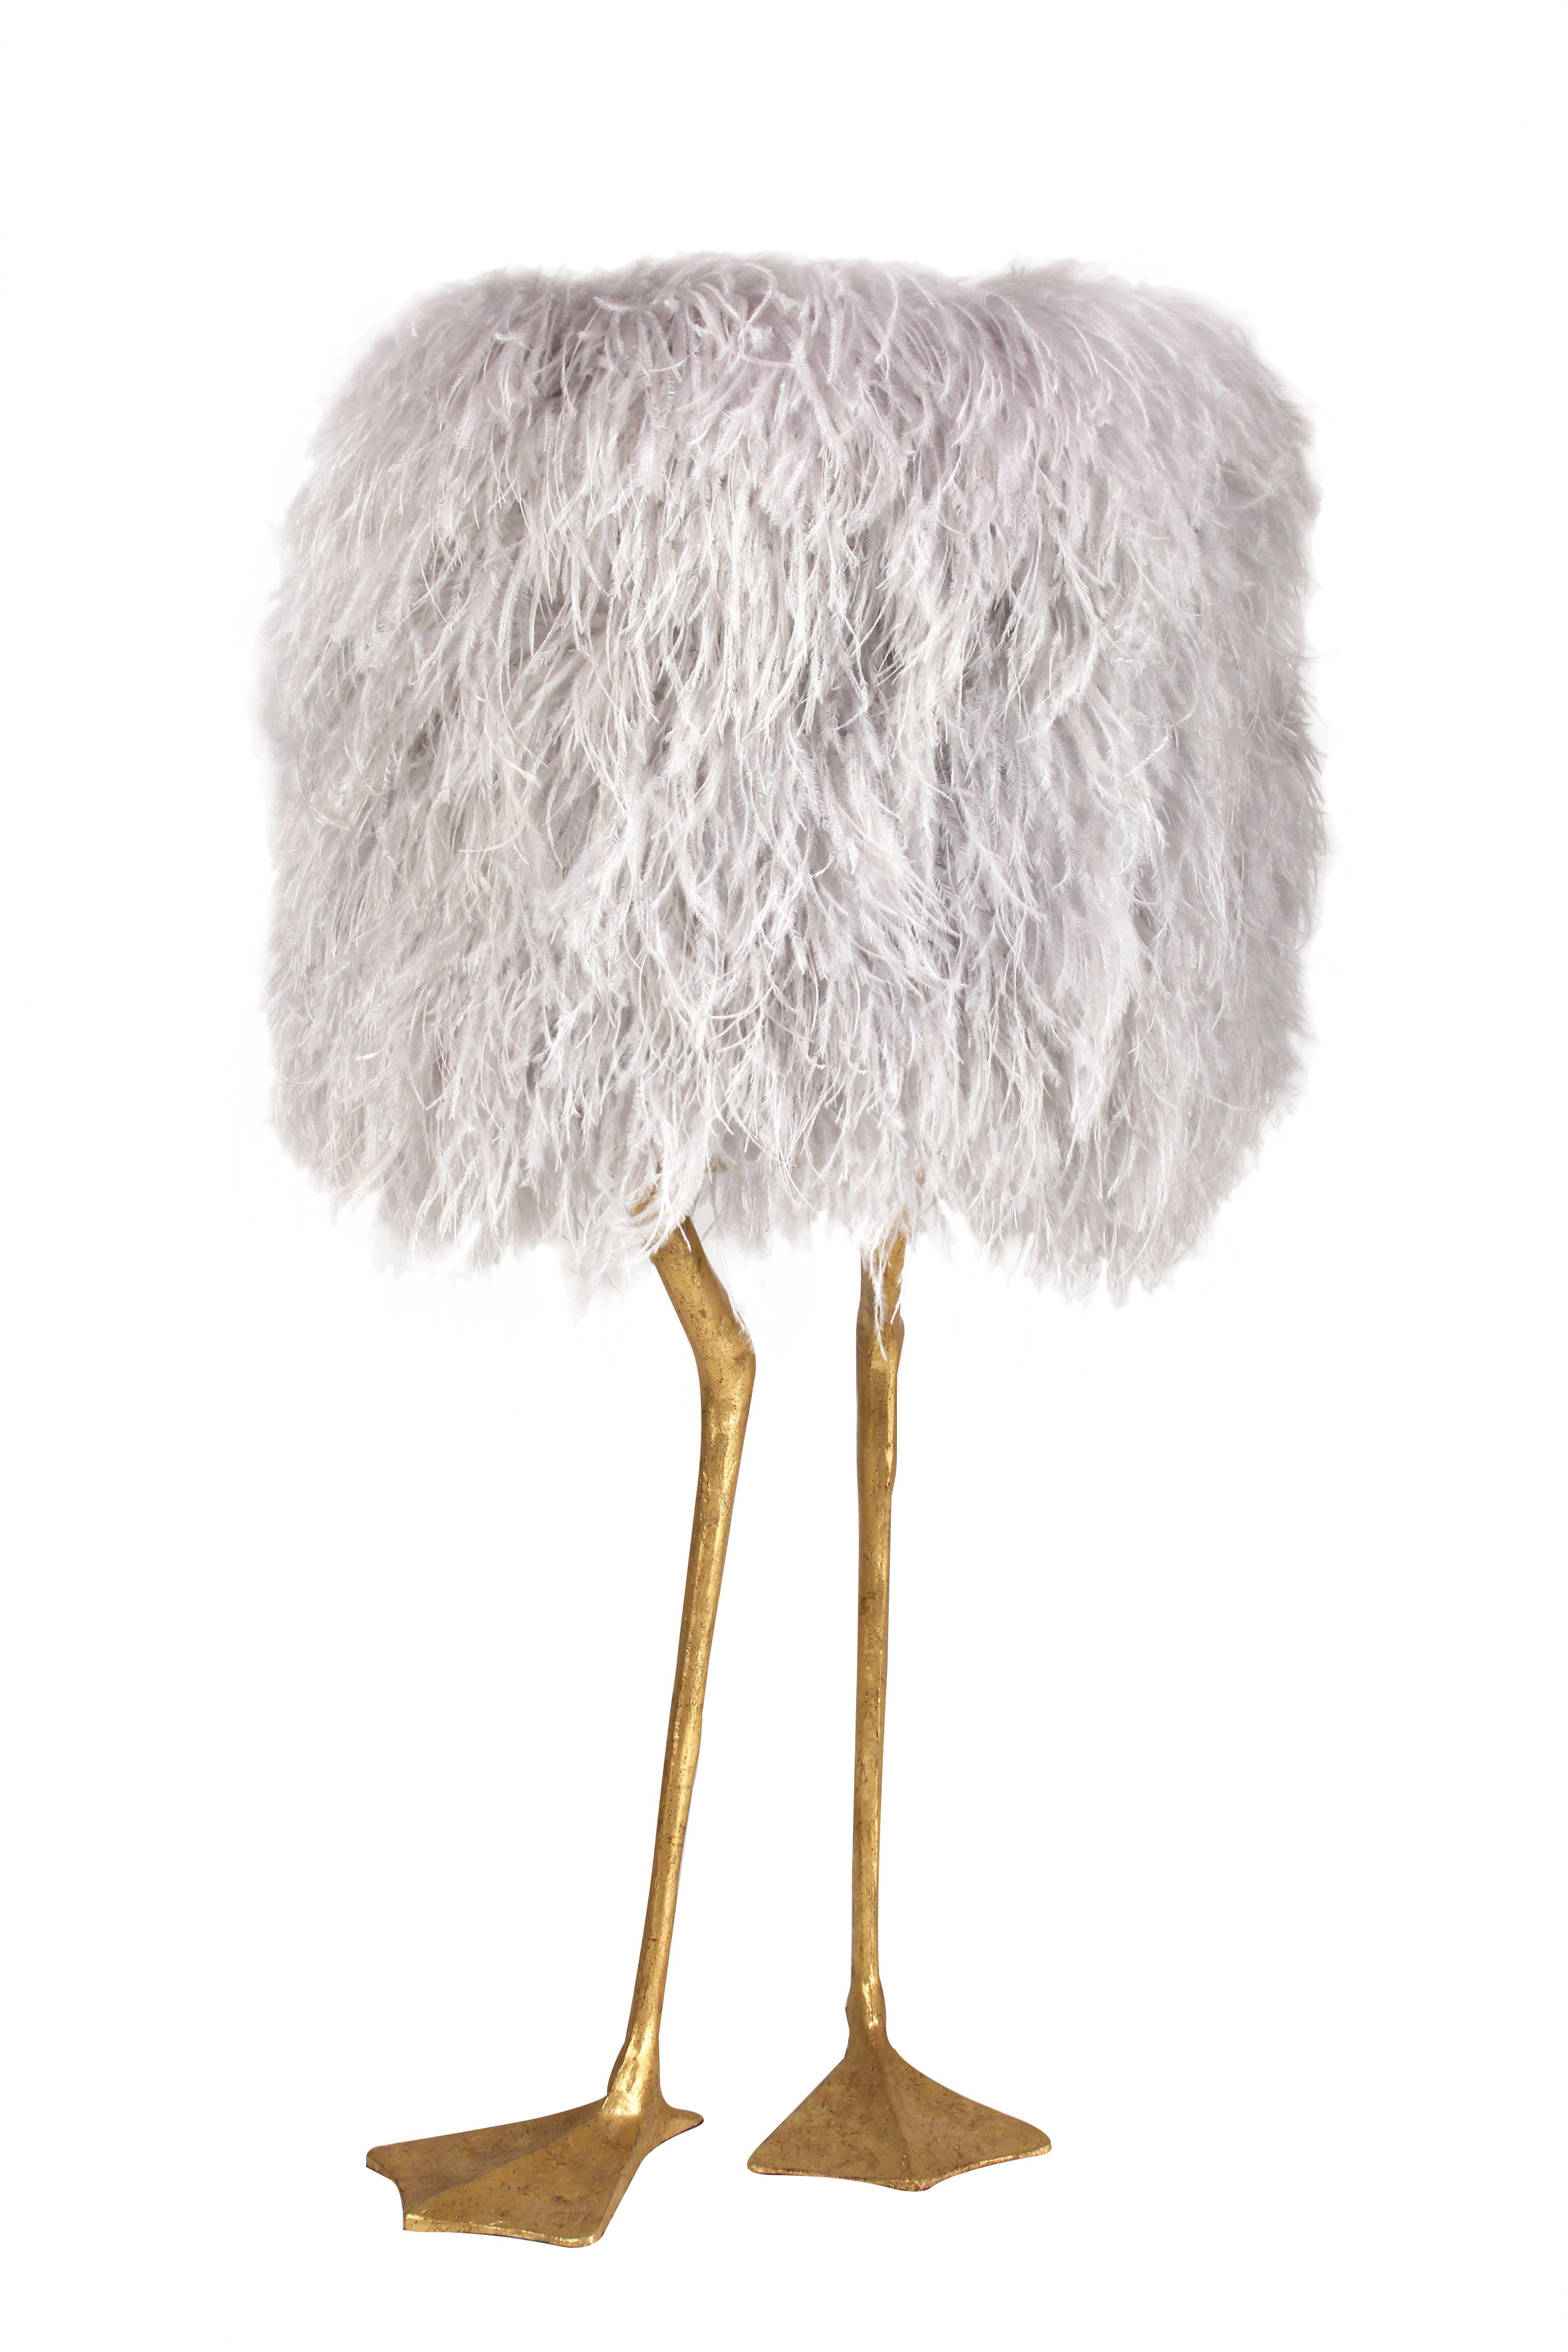 Chevet salle de lecture hall salon salon avec blanc de table de plumes - Explorez Luminaire Lampes G Niales Et Plus Encore